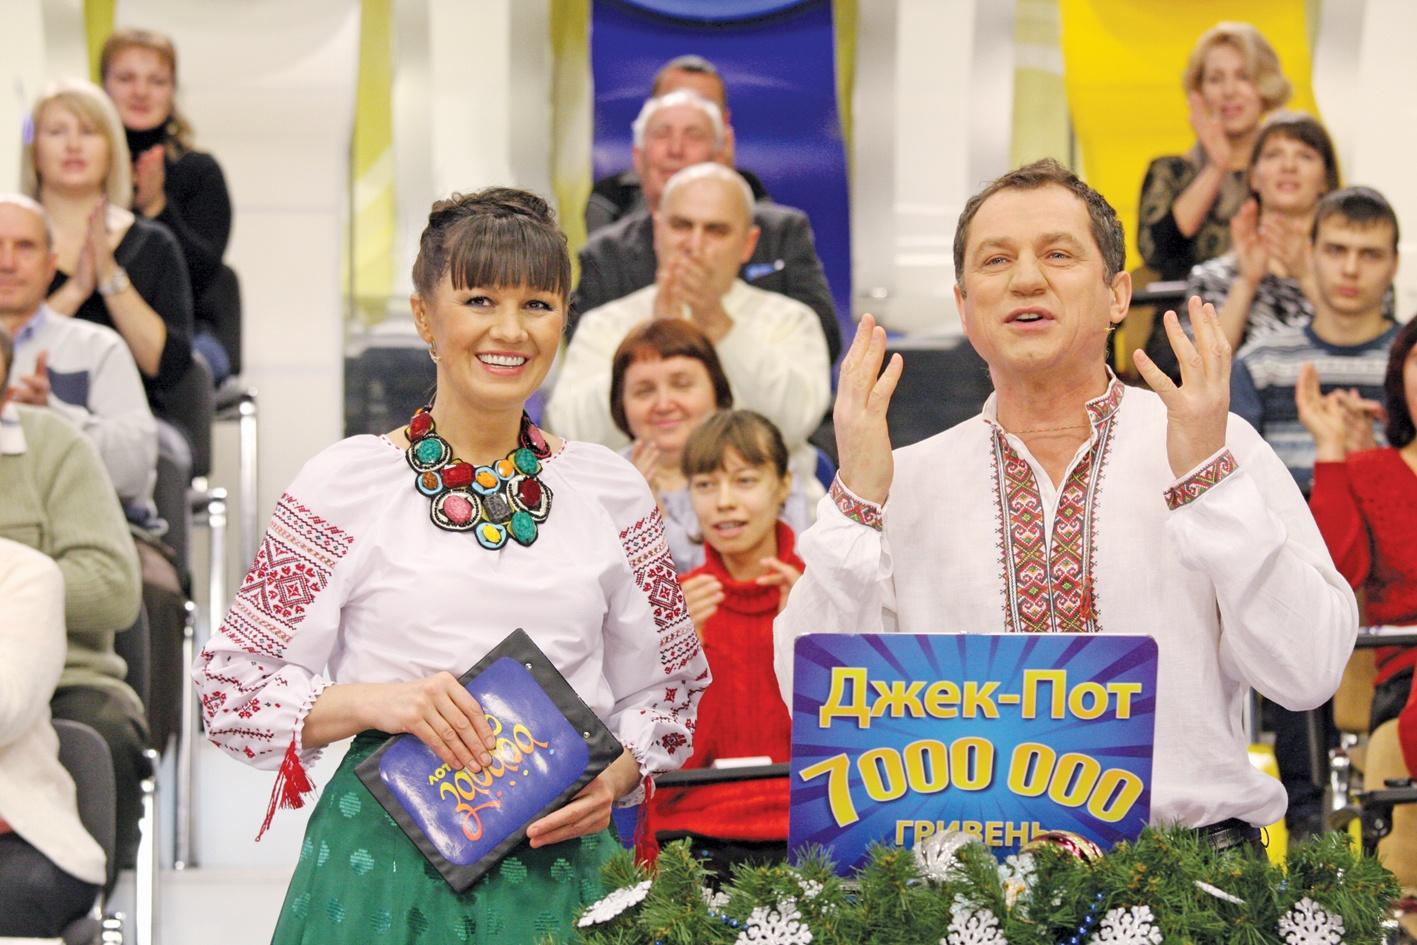 Ведучі Лото-забава Лариса Руснак та Анатолій Гнатюк (фото: zn.ua)